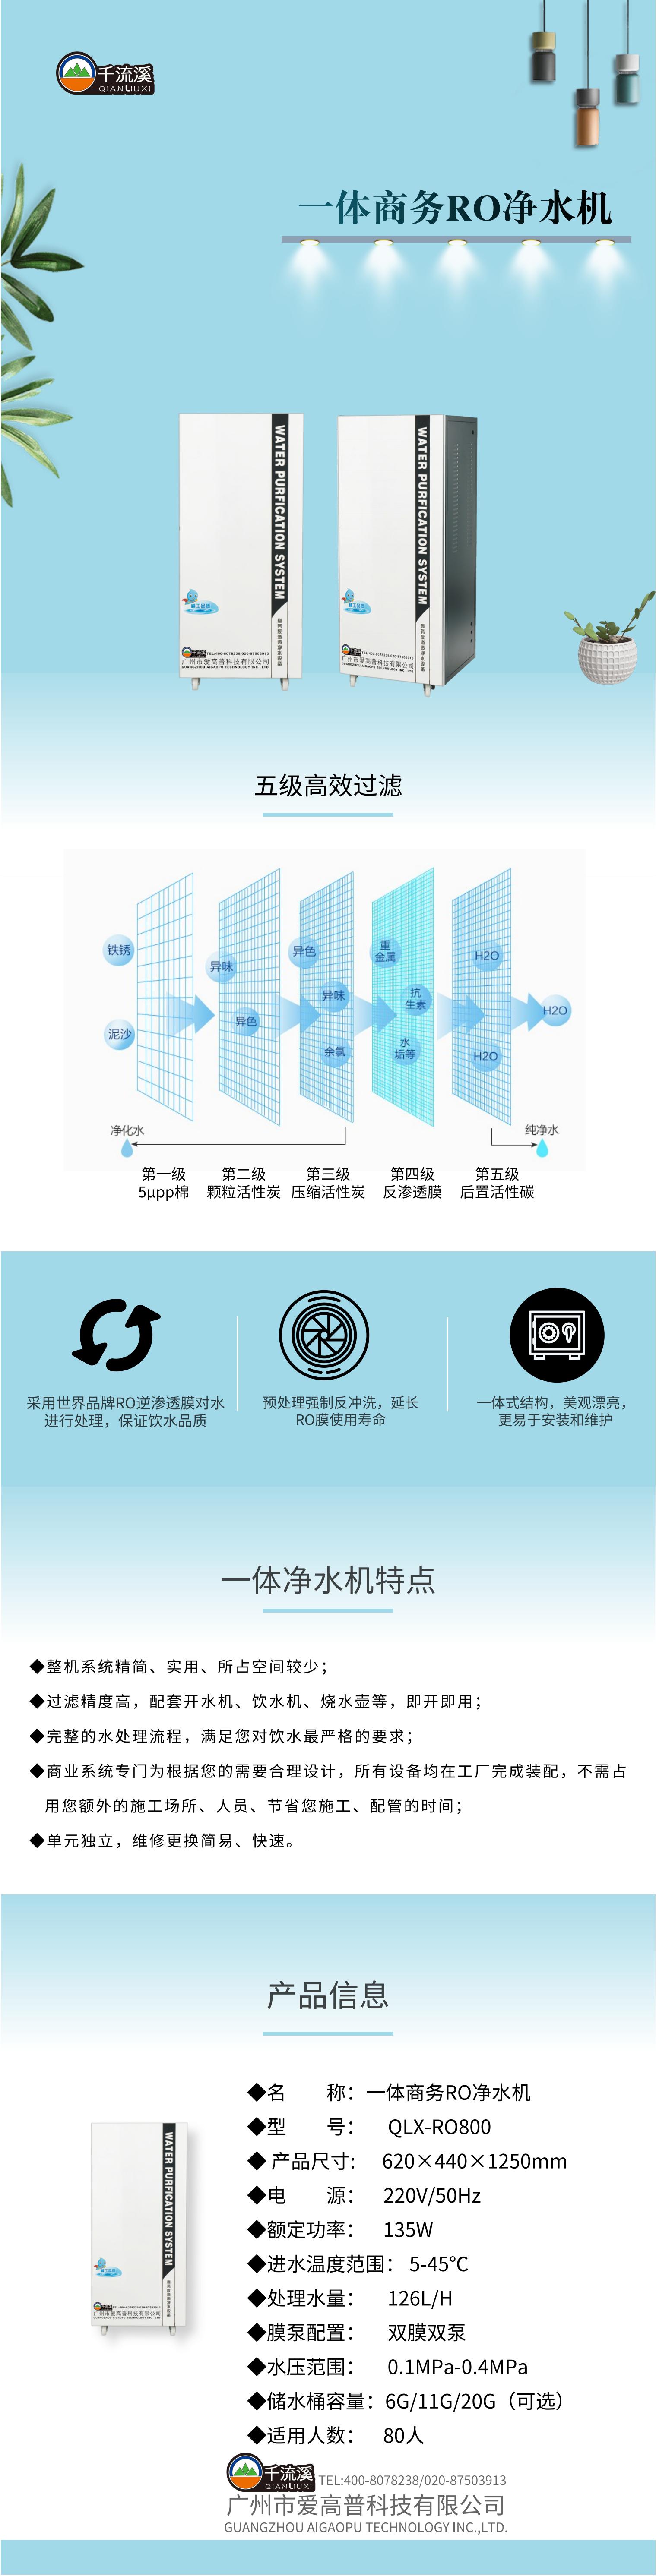 一體商務RO凈水機(800G).png